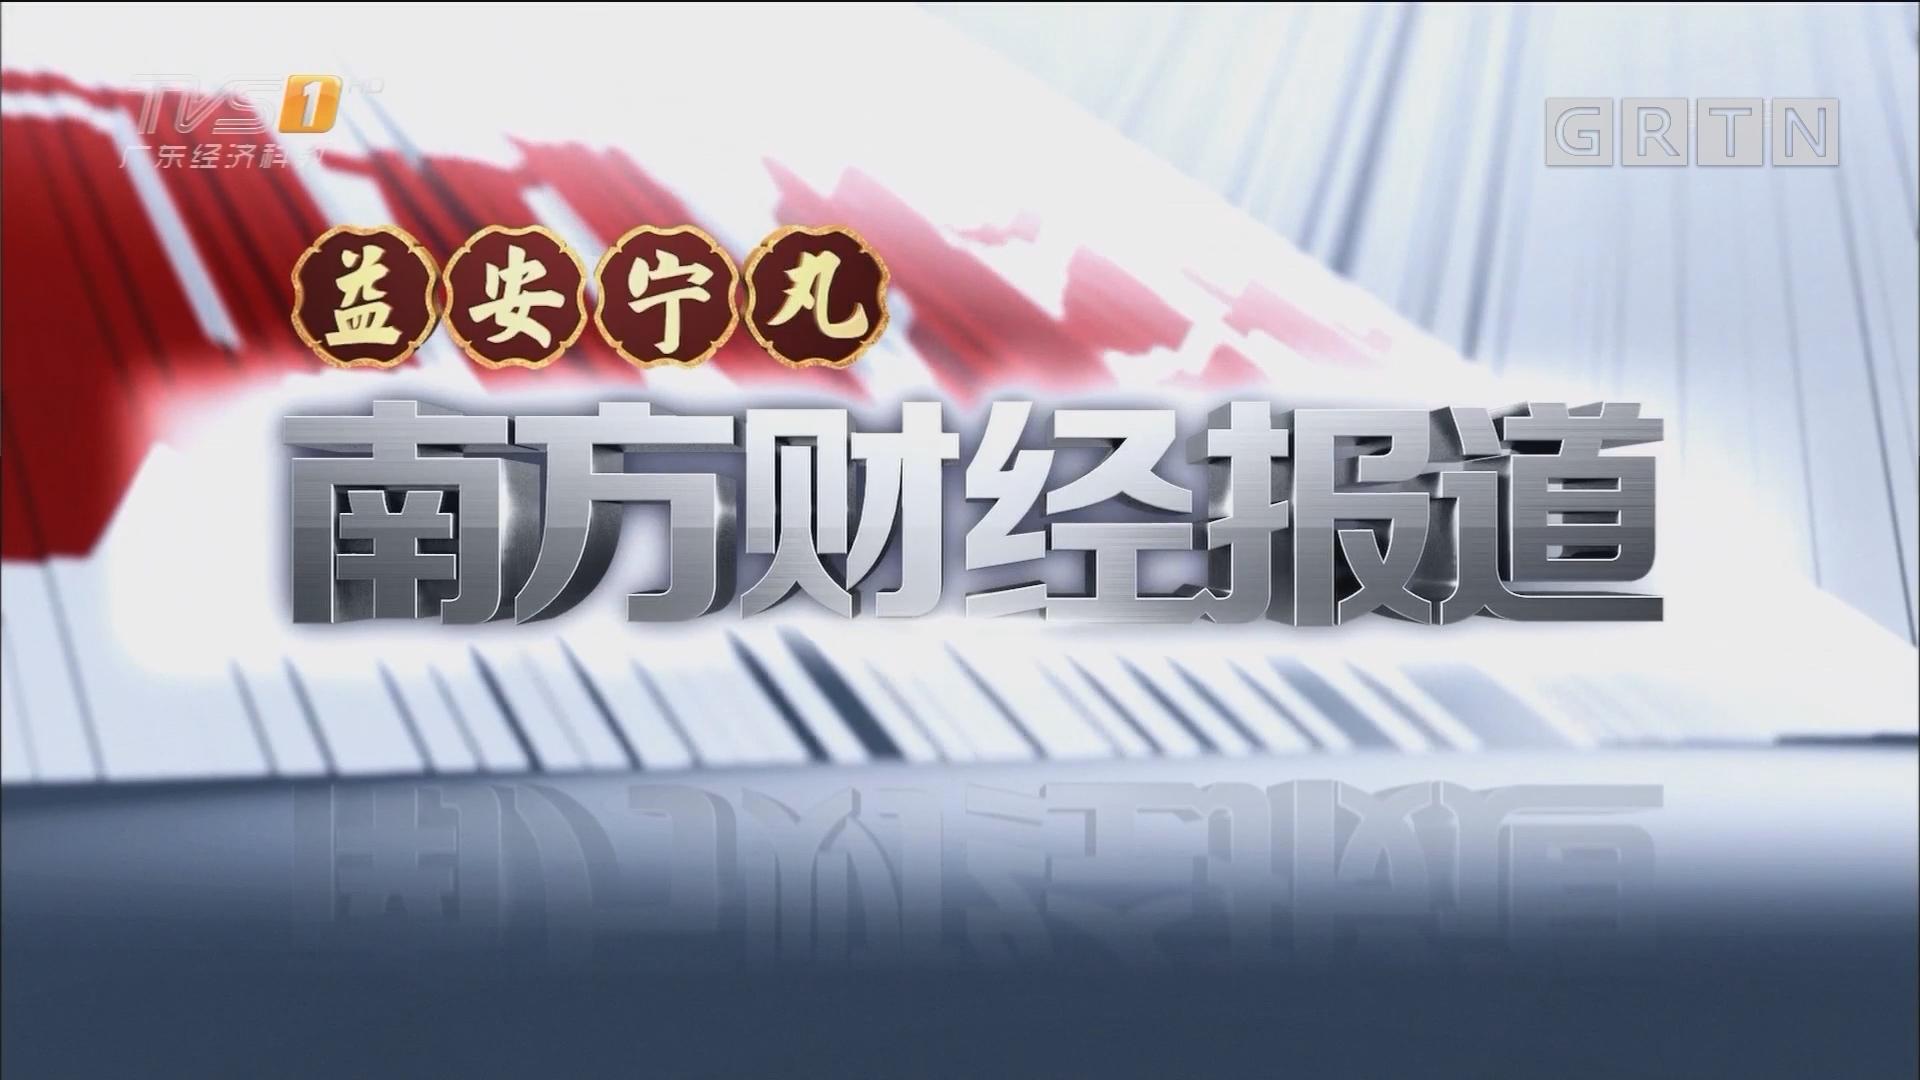 [HD][2017-07-11]南方财经报道:全球城市报告:2030年广州高收入人群130万